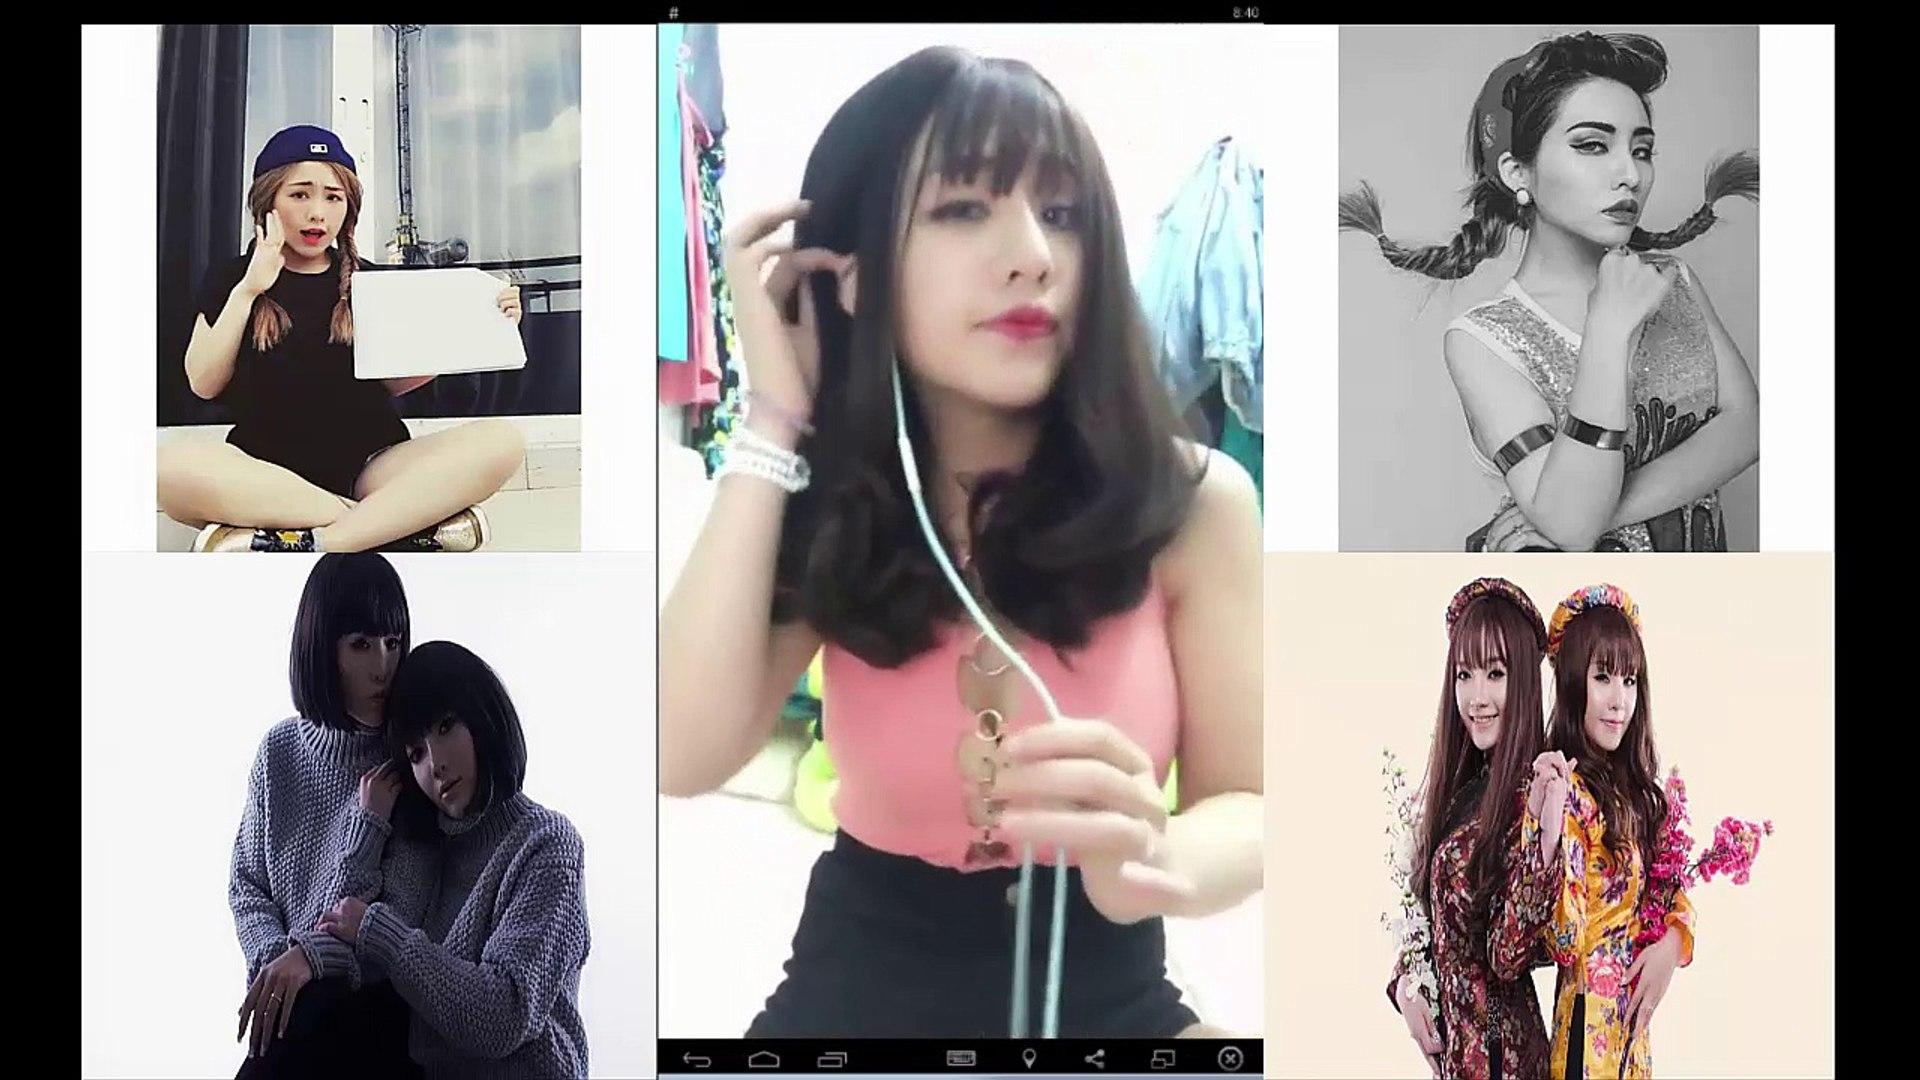 [Live Bigo] Hotgirl hát cực hay trên Bigo | HOÀNG MỸ DUYÊN (phần 1)